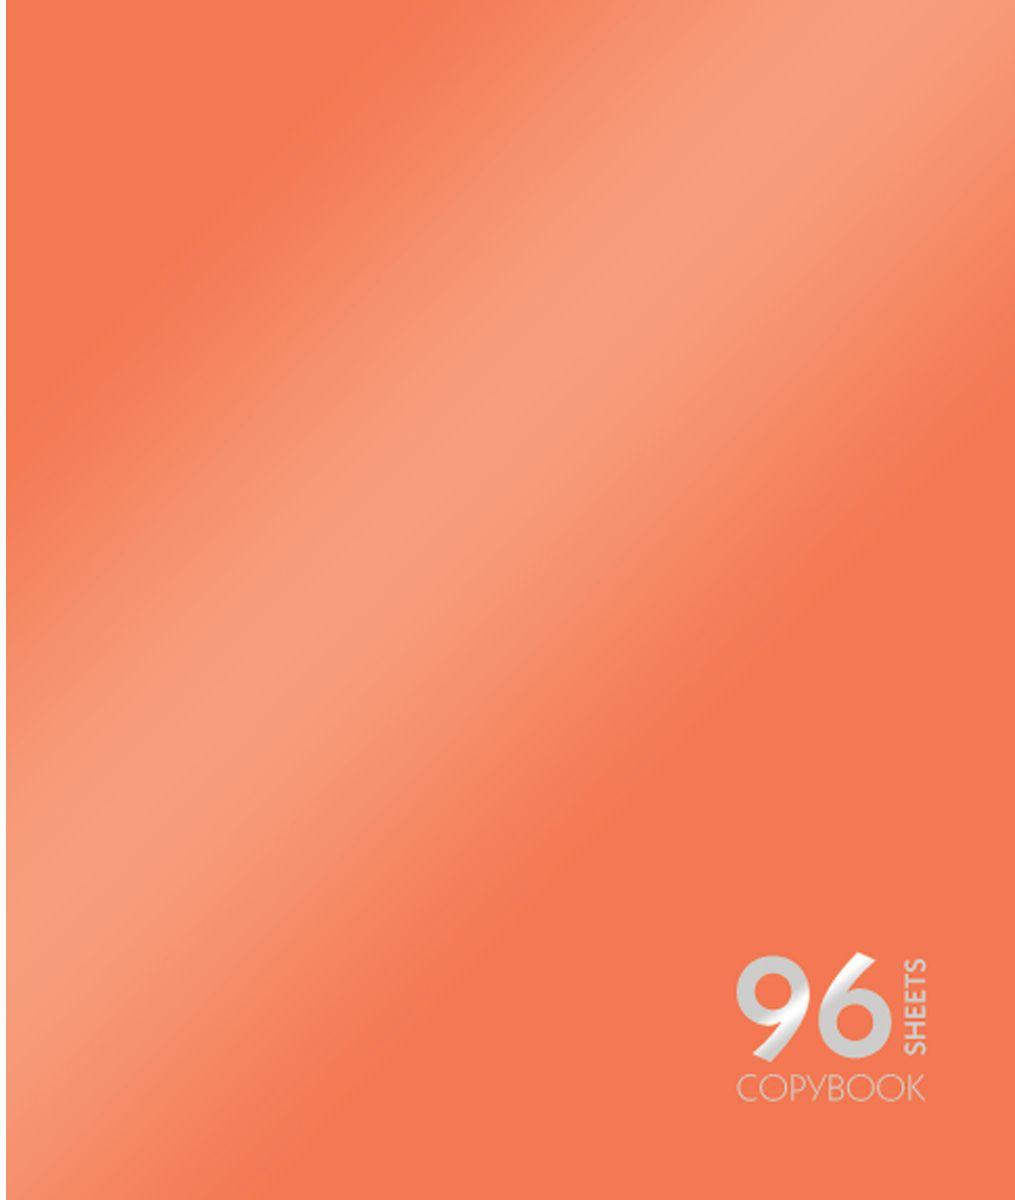 Канц-Эксмо Тетрадь Сияние цвета 96 листов в клетку цвет оранжевый05572Тетрадь А5 96 листов на скрепке, клетка. Обложка мелованный картон с пантонной металлизированной печатью. Бумага офсет 60г/м2